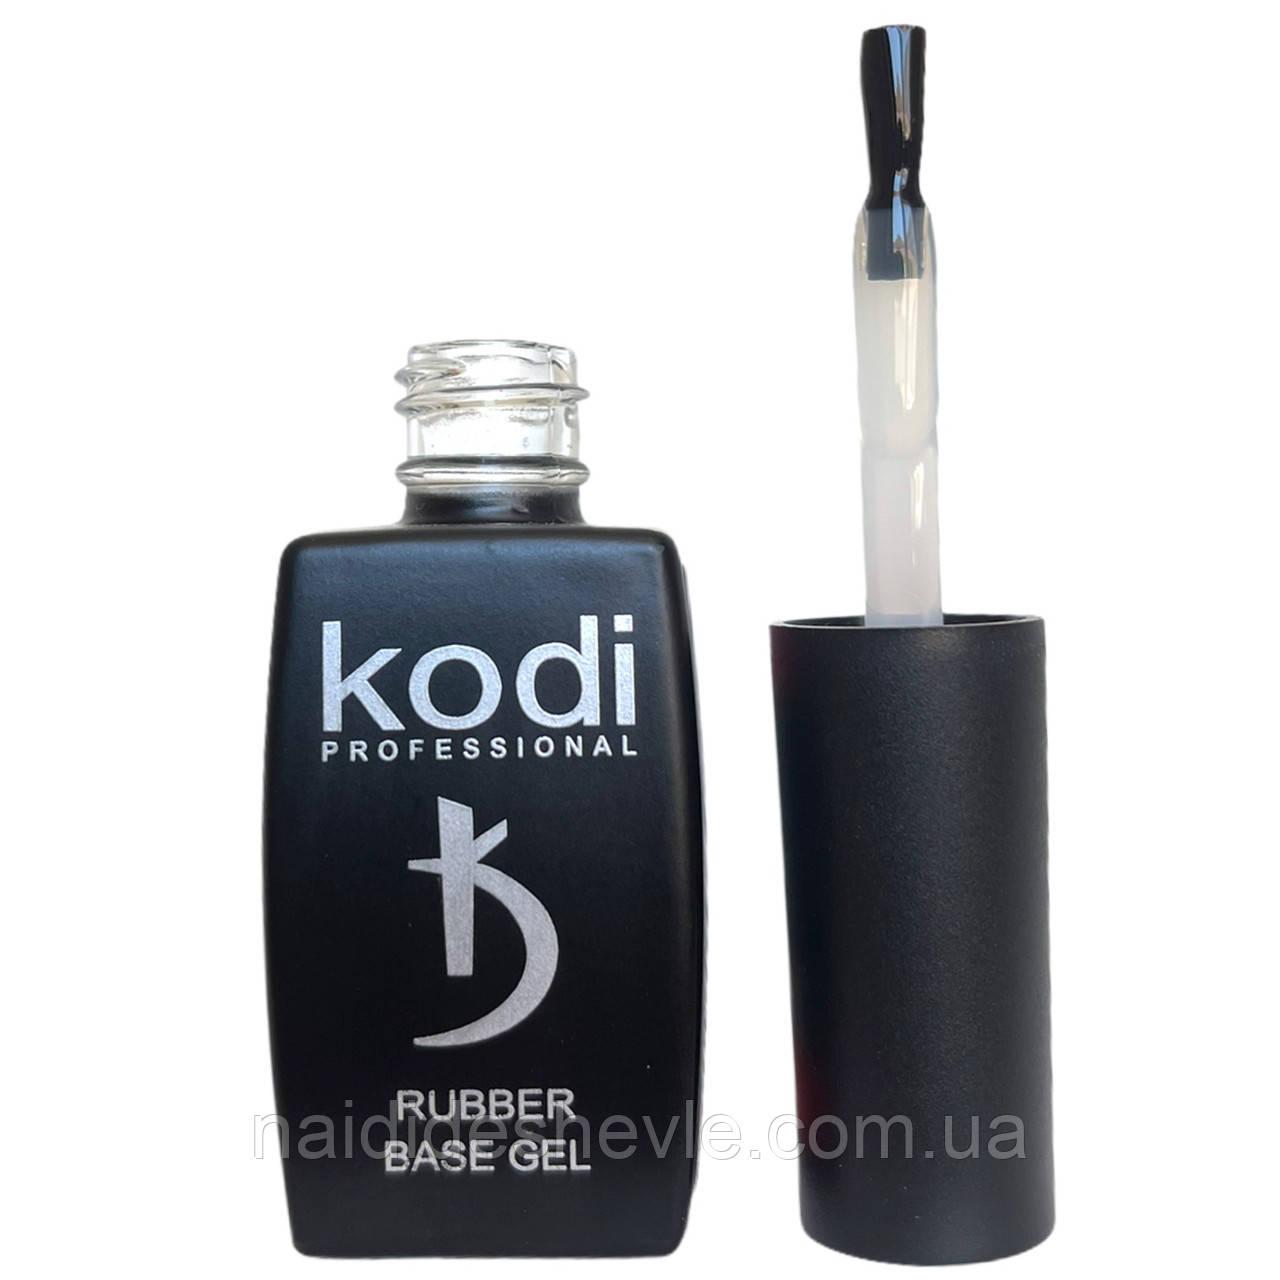 Каучукове базове покриття (основа, база) для нігтів Kodi Rubber Base, 12 мл.